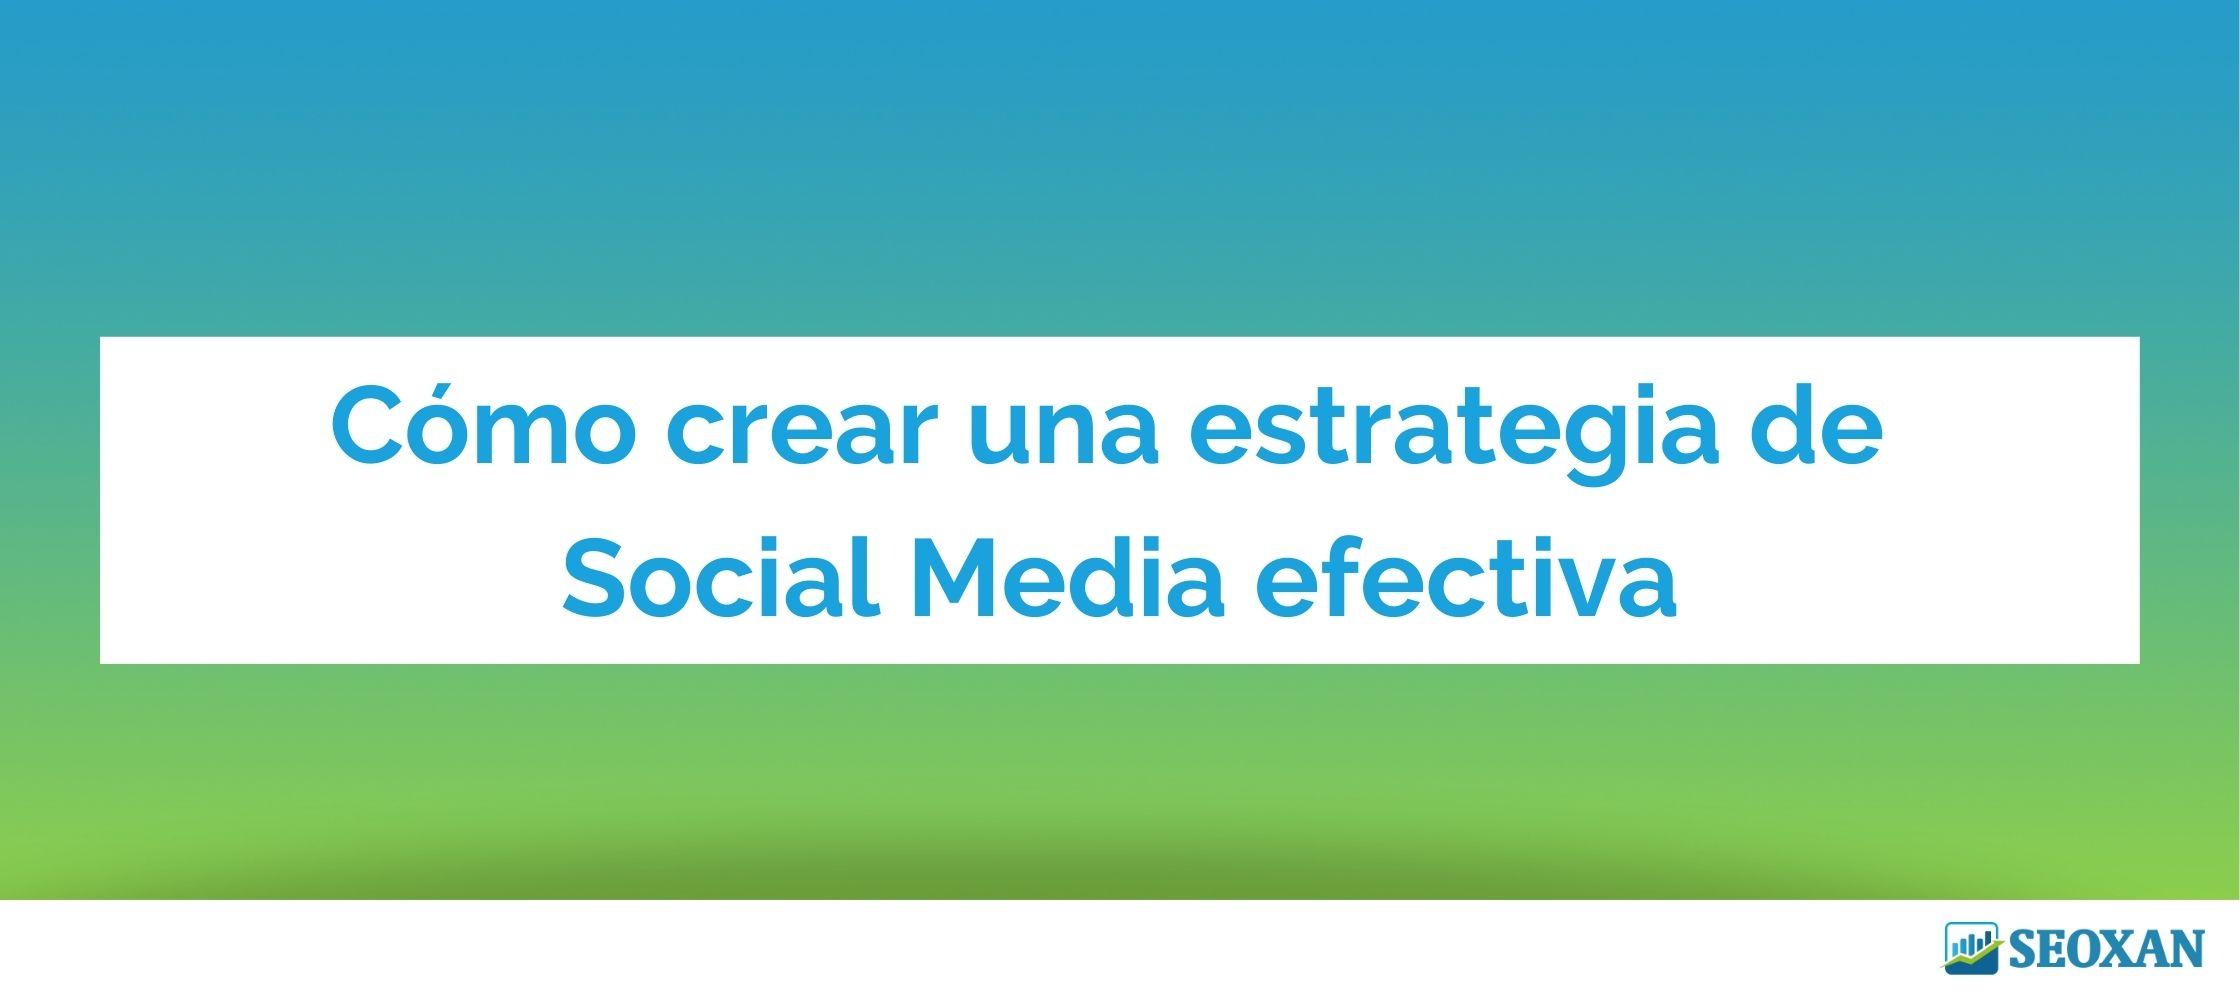 Cómo crear una estrategia de Social Media efectiva